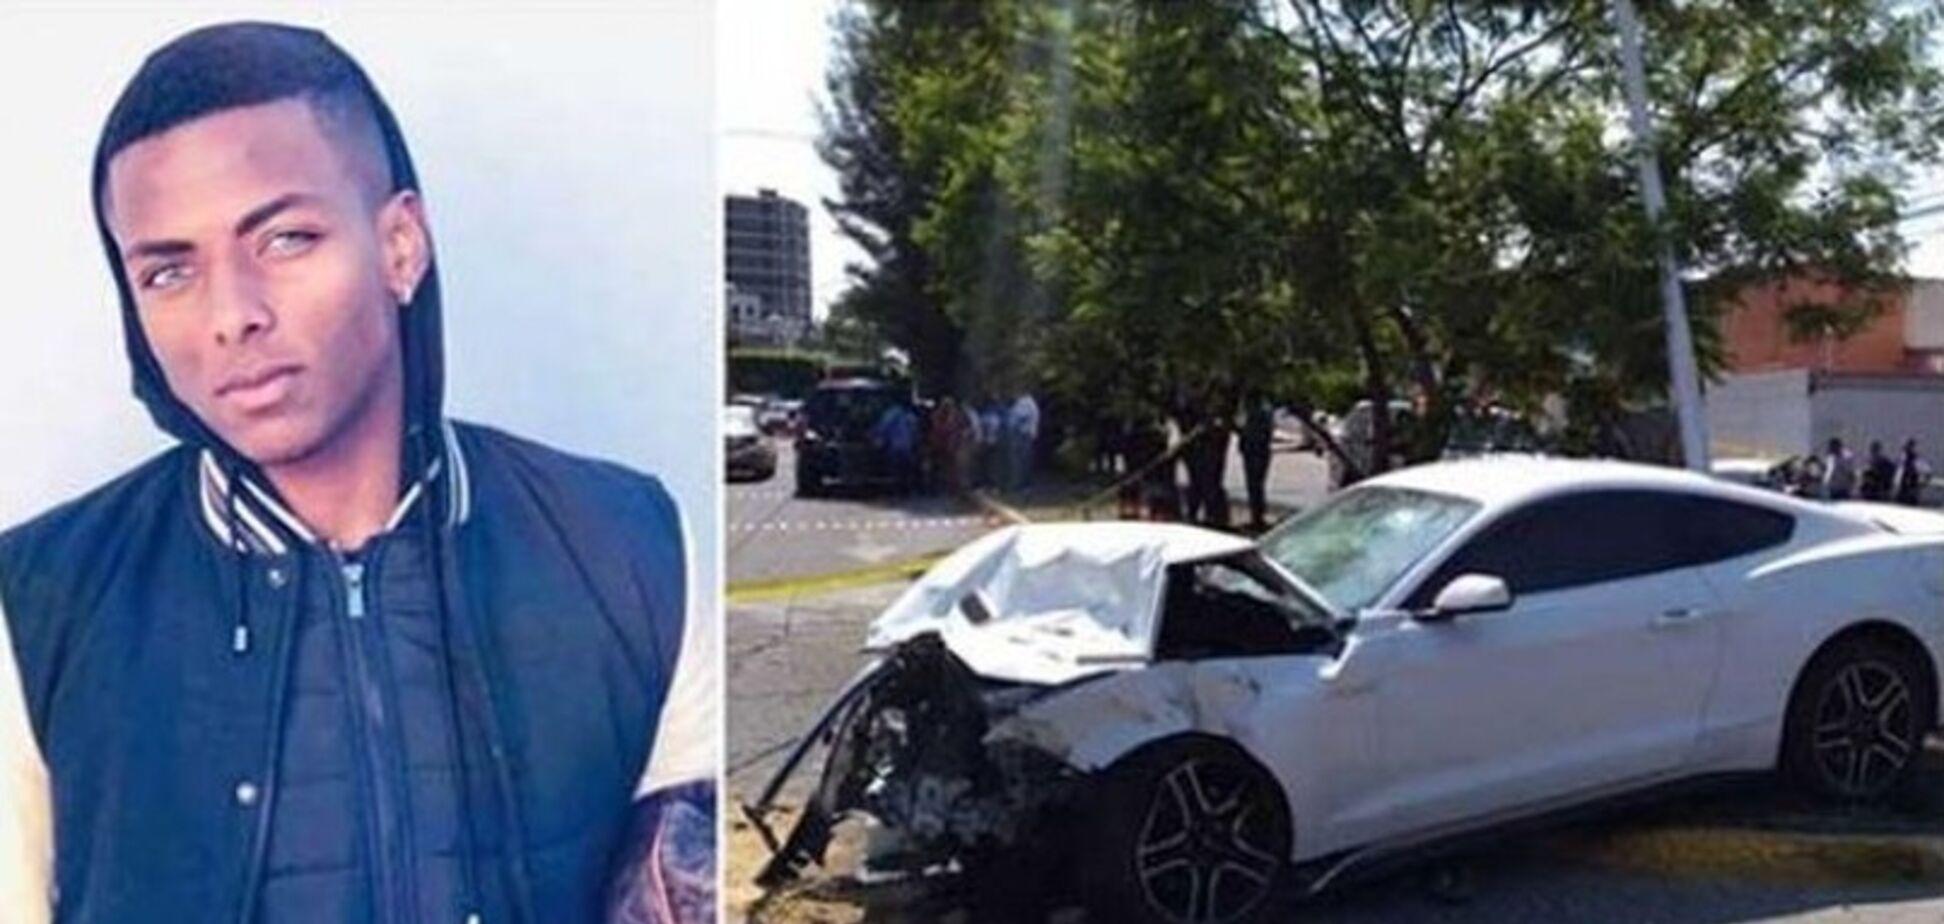 Як Реєс: ще один футболіст 'Севільї' влаштував смертельну ДТП — момент потрапив на відео